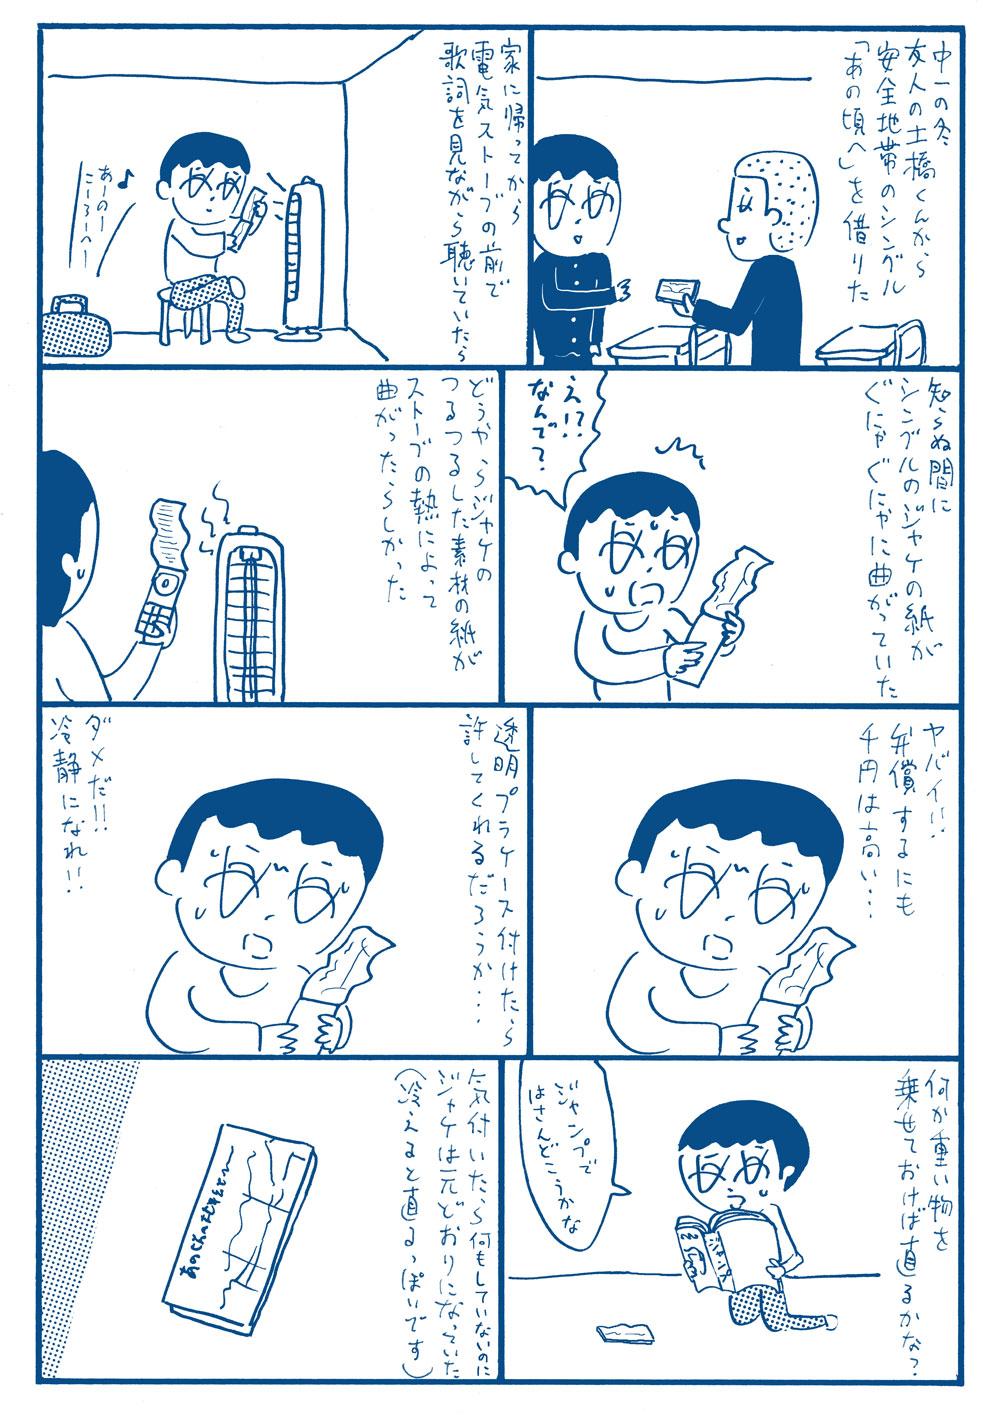 oohashi-hiroyuki-017